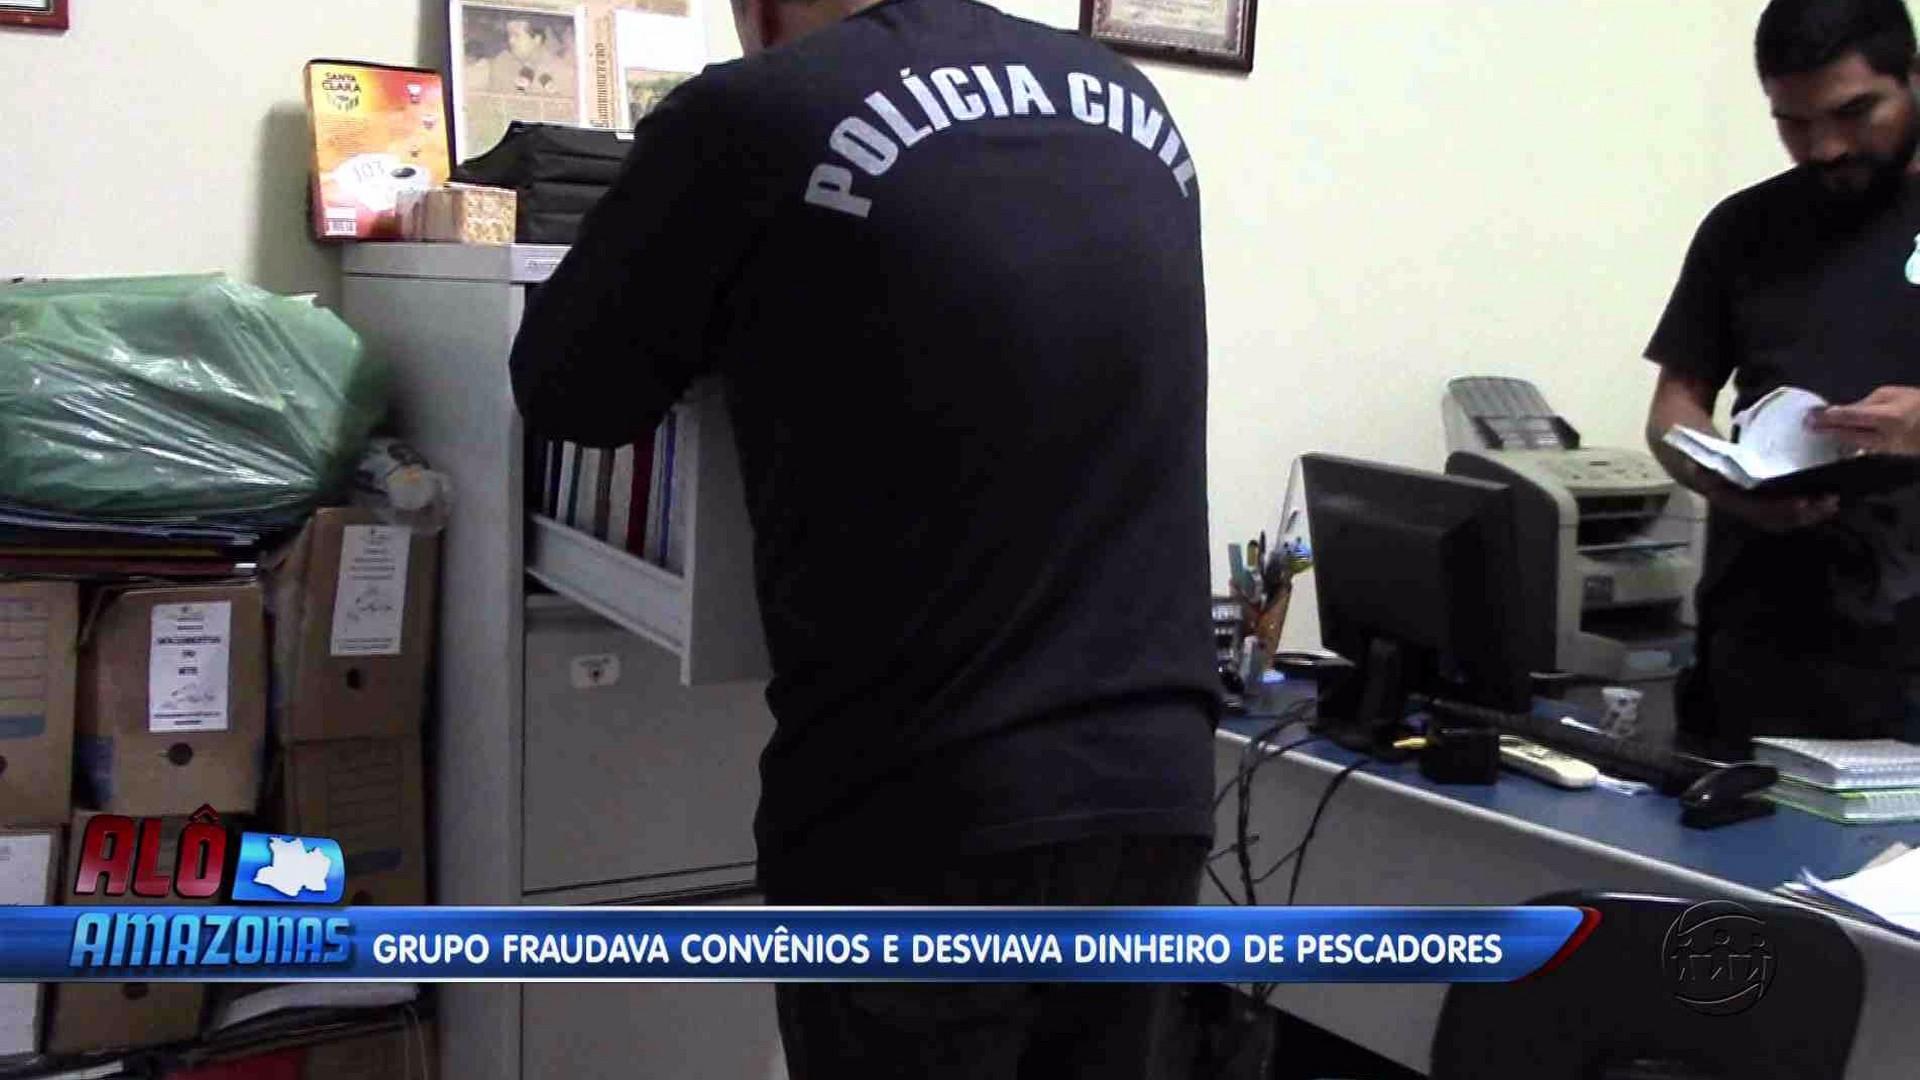 MINISTÉRIO PÚBLICO INVESTIGA FRAUDE NO GOVERNO DO ESTADO - Alô Amazonas 07/12/17